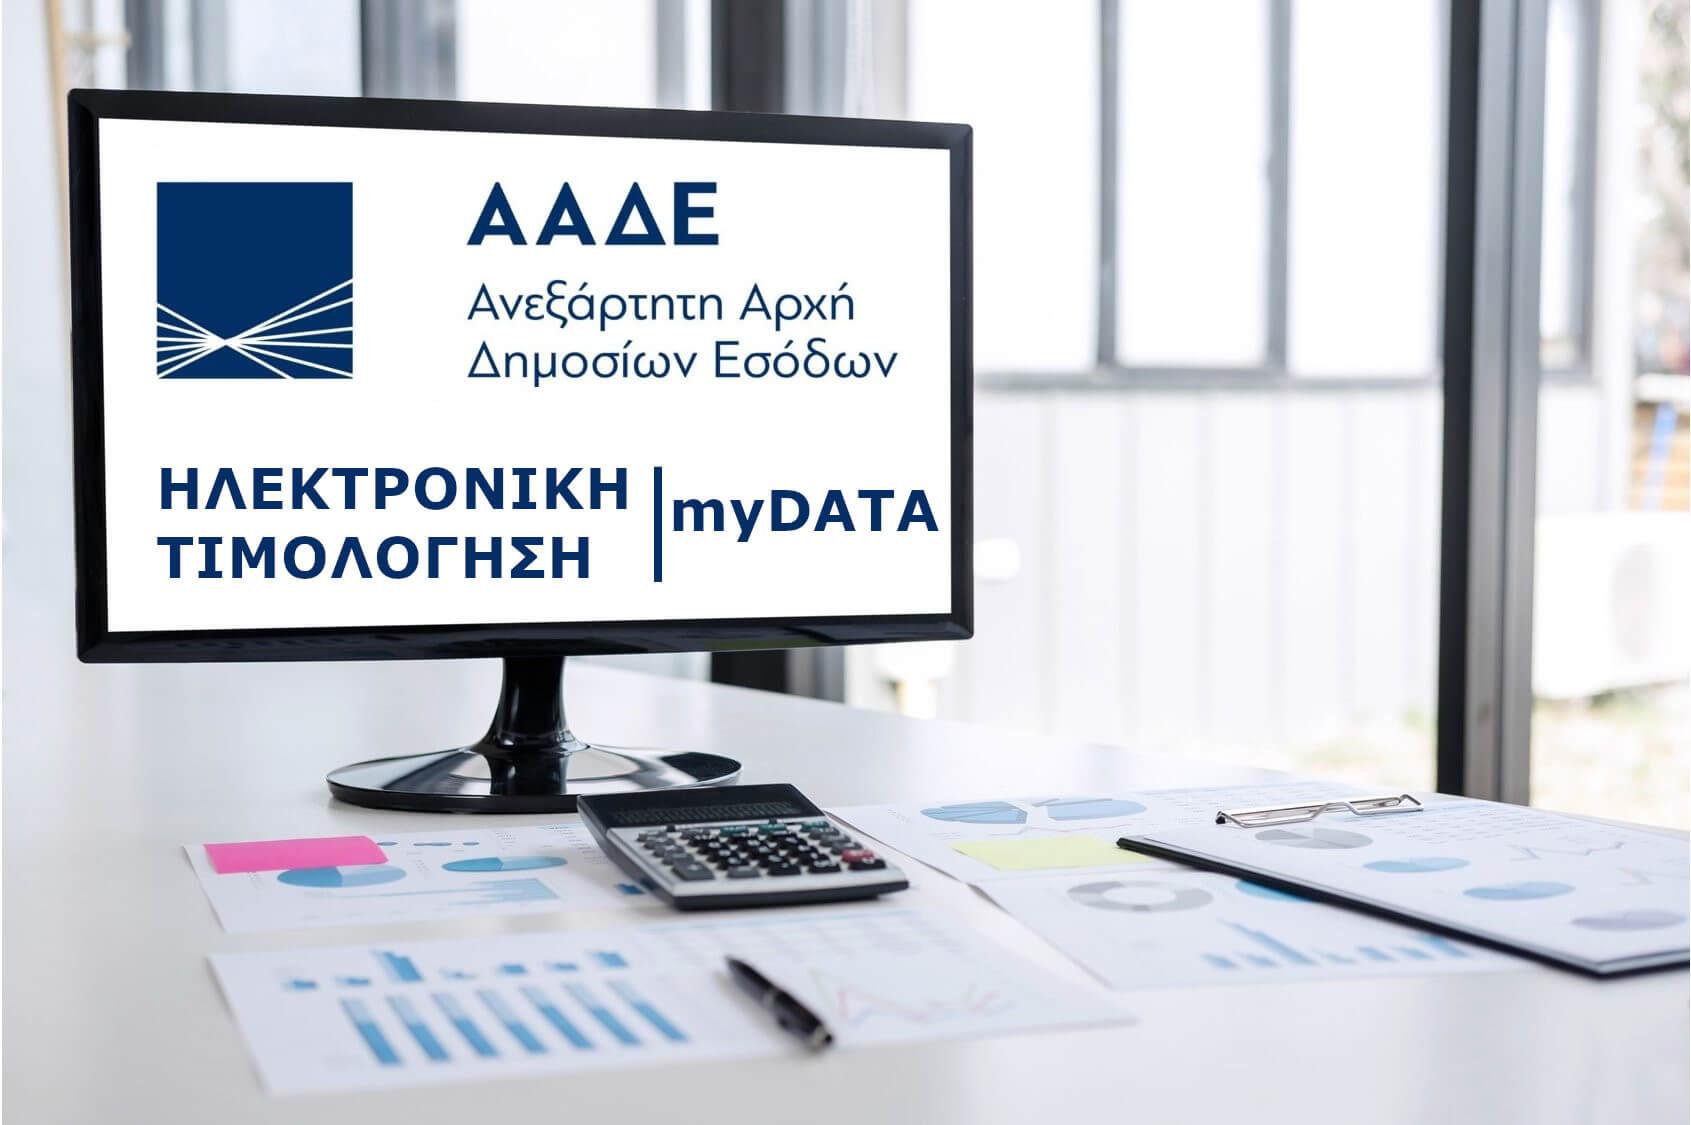 Πλατφόρμα Ηλεκτρονικής Τιμολόγησης της ΑΑΔΕ | myDATA